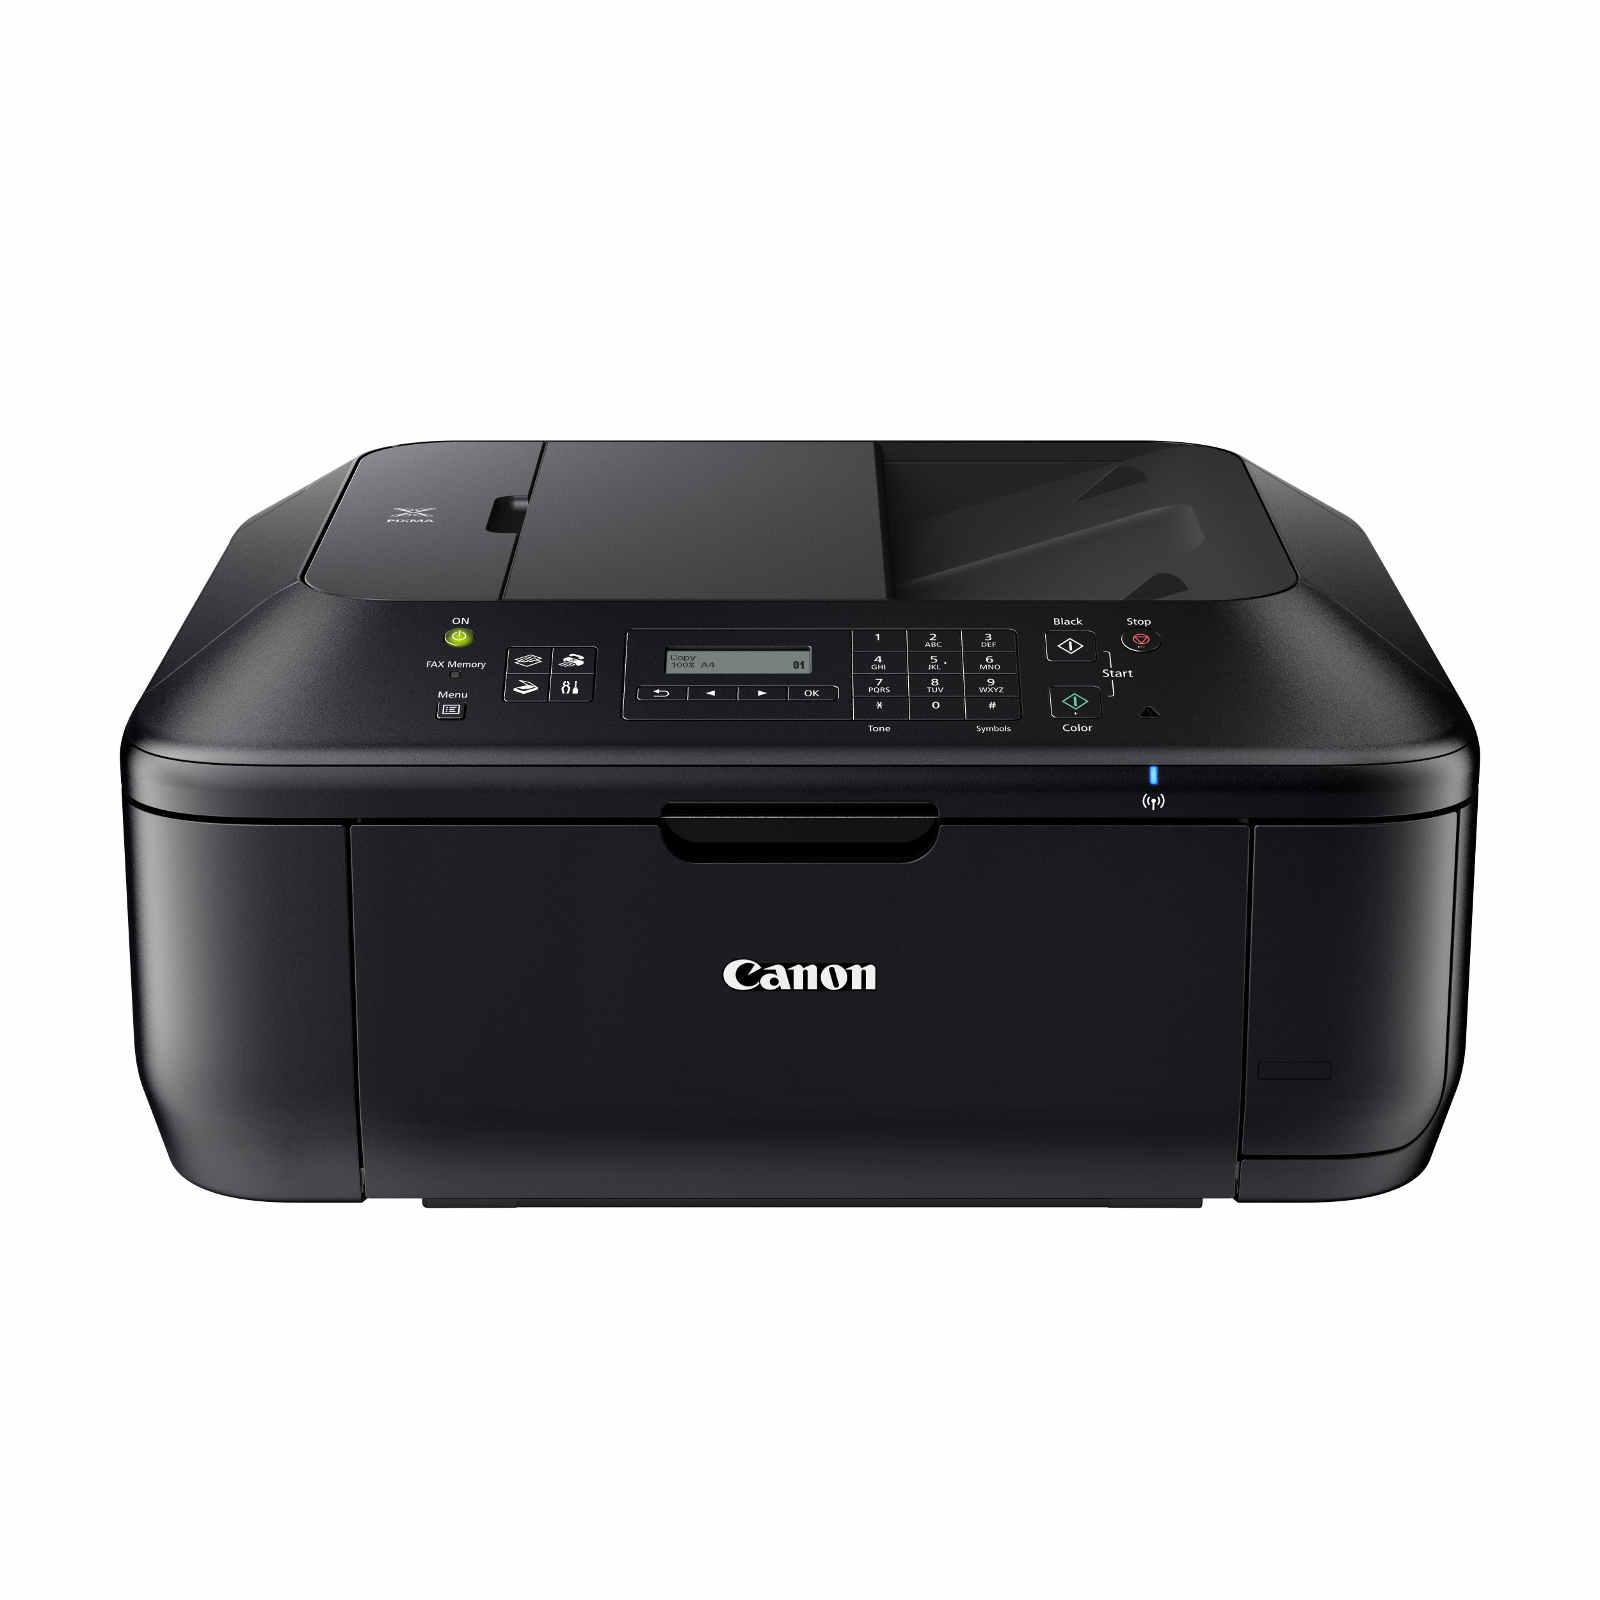 canon pixma mx475 imprimante multifonction canon sur. Black Bedroom Furniture Sets. Home Design Ideas